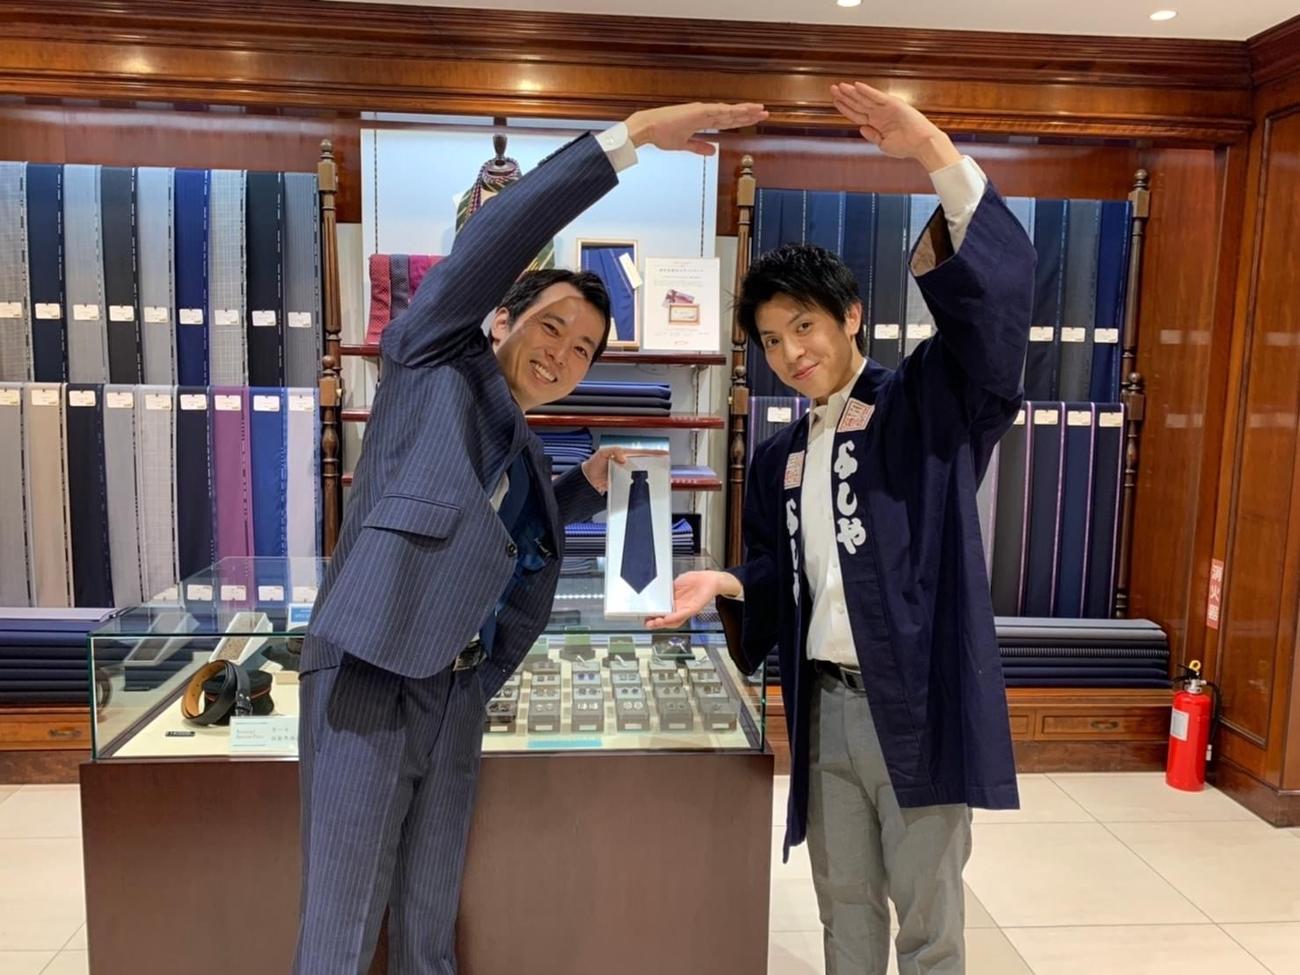 「もの繋ぎプロジェクト」に参加し、物々交換で「完全オリジナルネクタイ」を提供した高級スーツ店「銀座英國屋」。右が「もの繋ぎプロジェクト」発起人の「木挽町よしや」斉藤大地さん